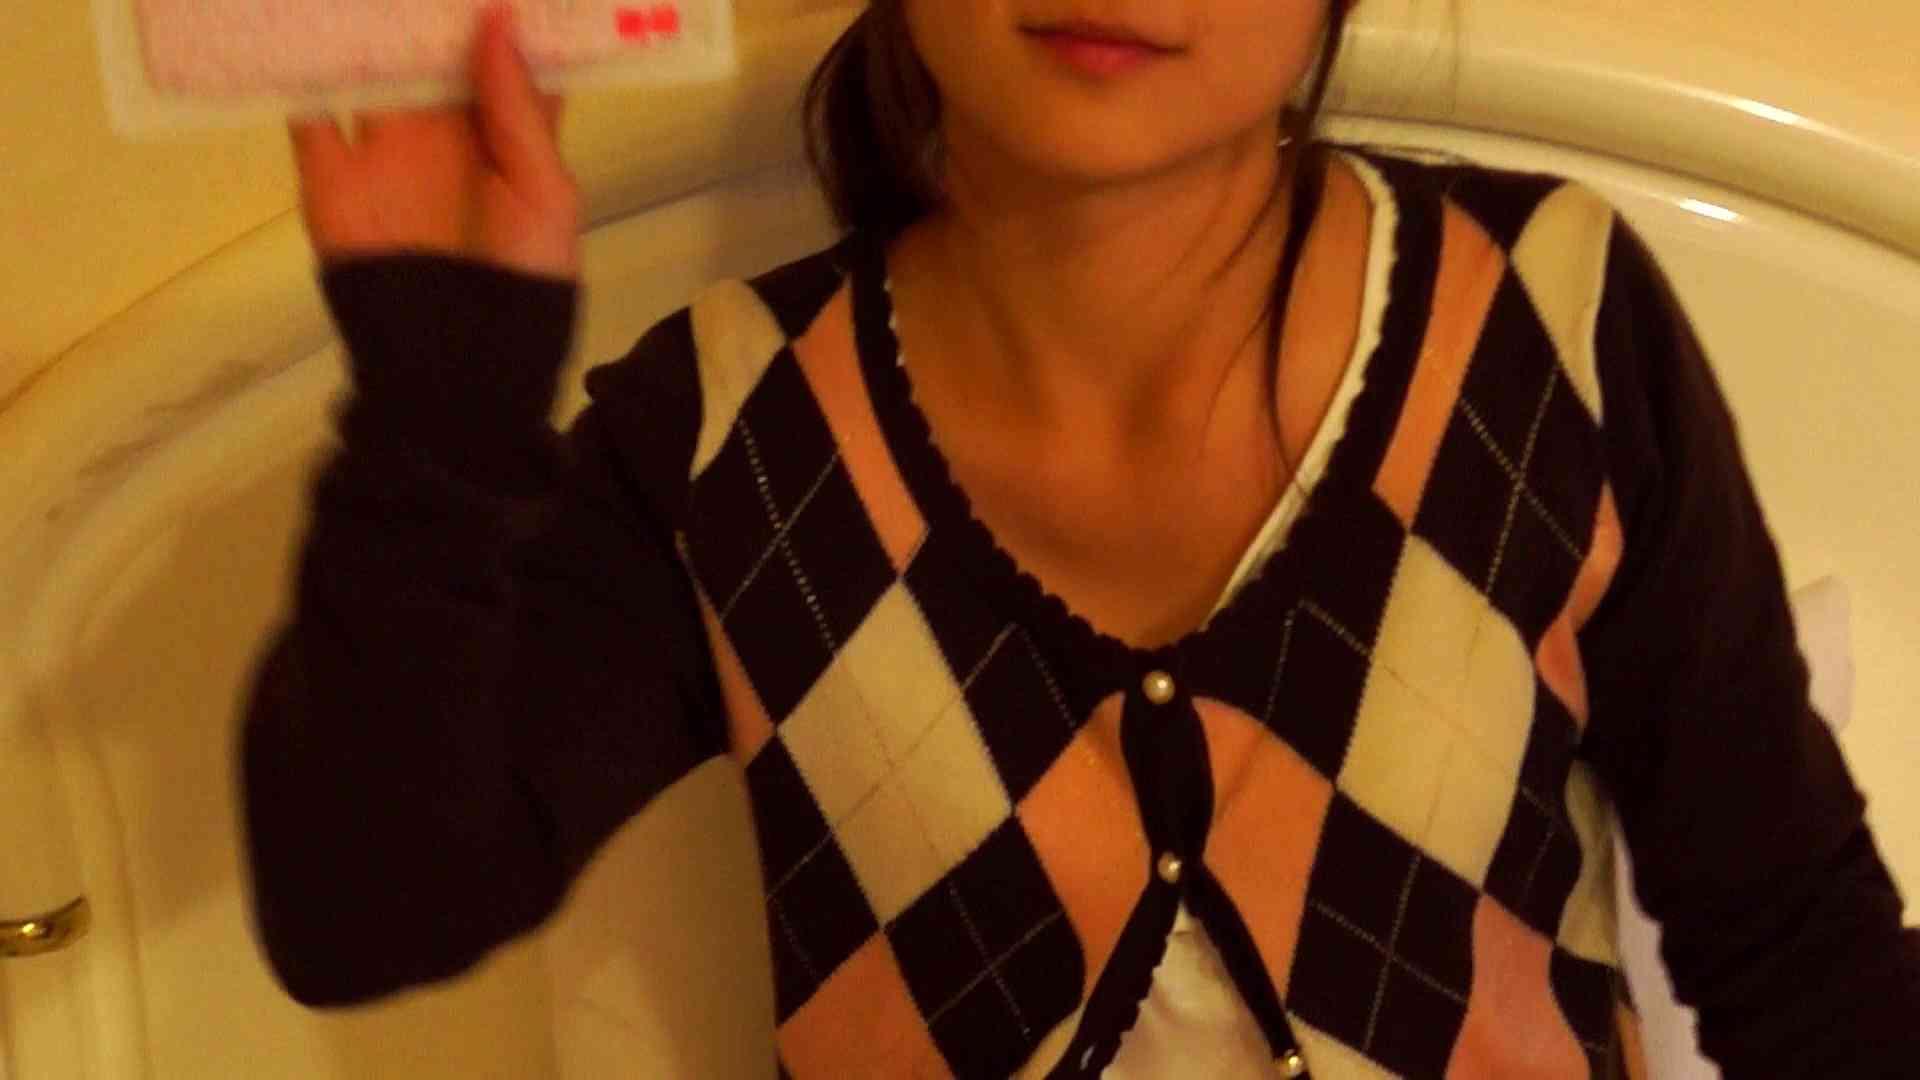 vol.11 瑞希ちゃんのパンチラサービス OL裸体 | チラ  83画像 16